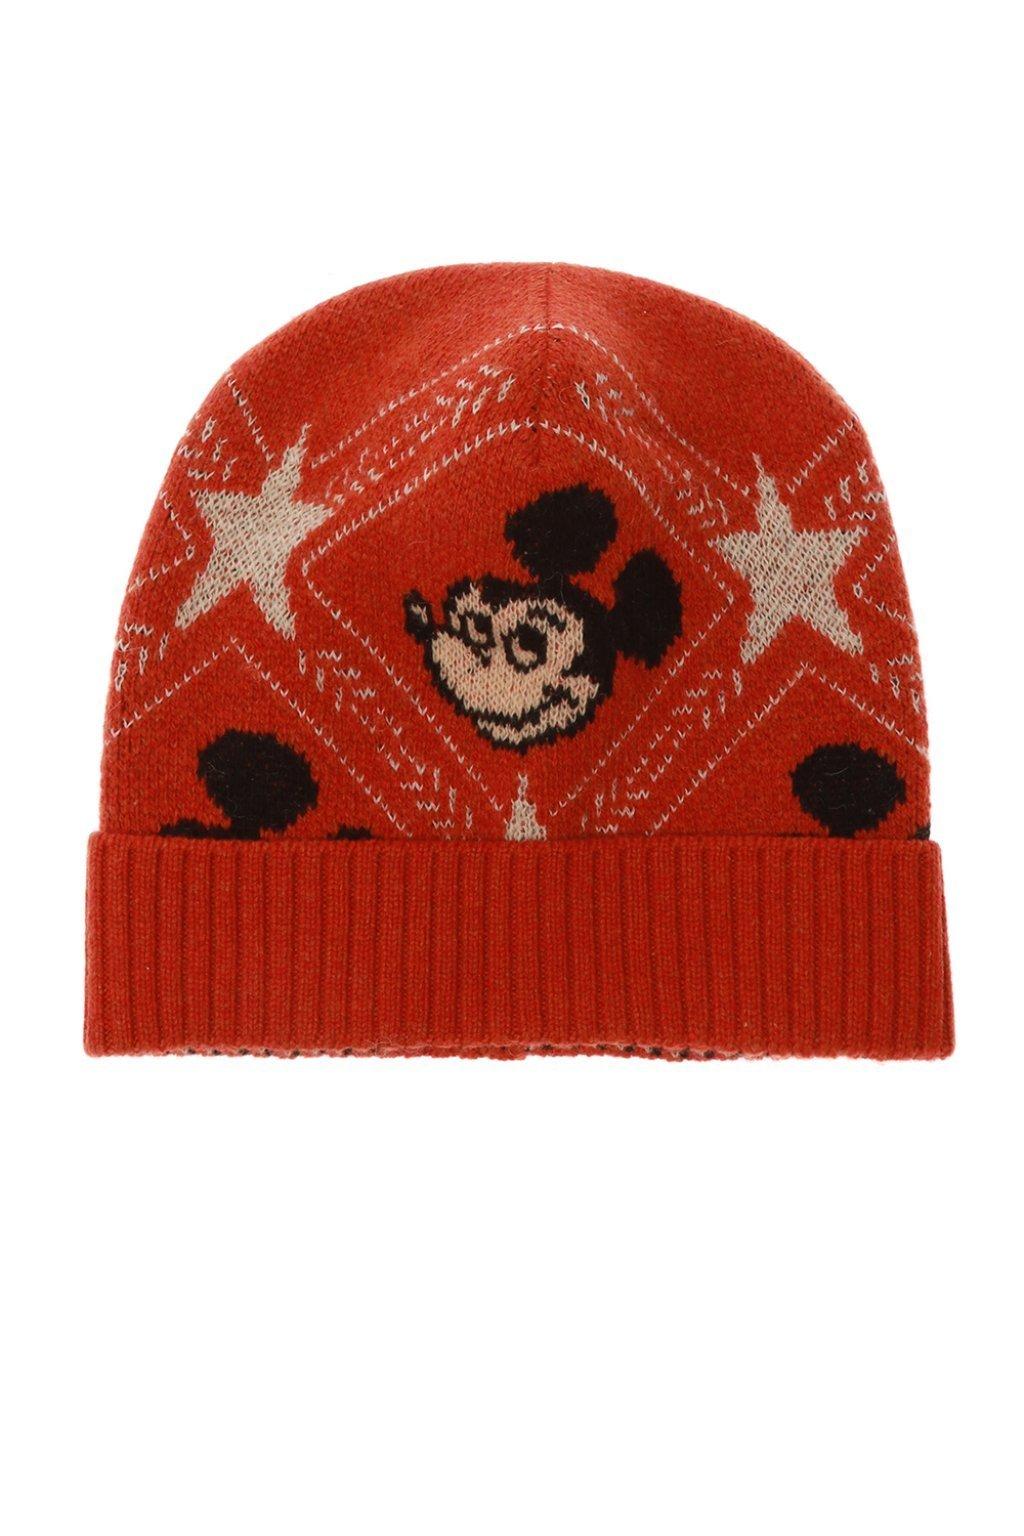 GUCCI Gucci Gucci x Disney Mickey Mouse Knit Hat in Orange